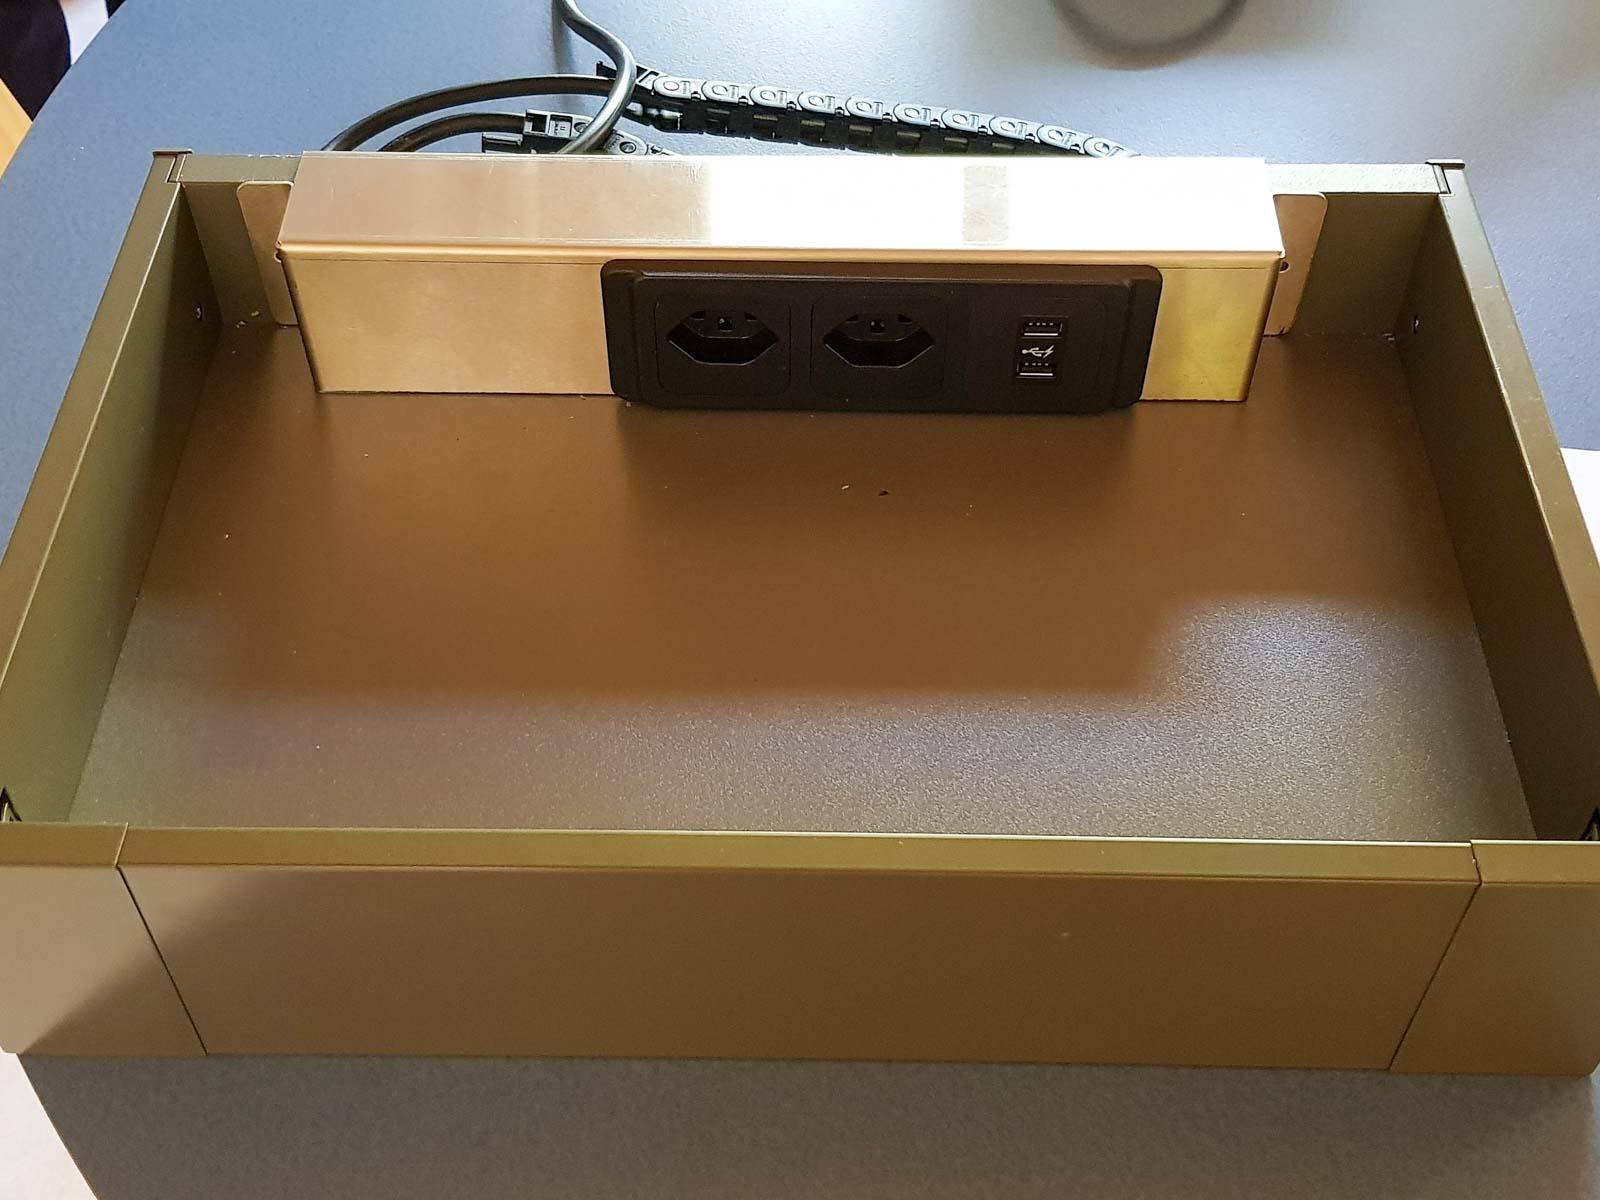 Wooddesign_Büro_Homeoffice_Schreibtisch_versenkbare Steckdose_Steckdose in Schublade_Schubladen (1)